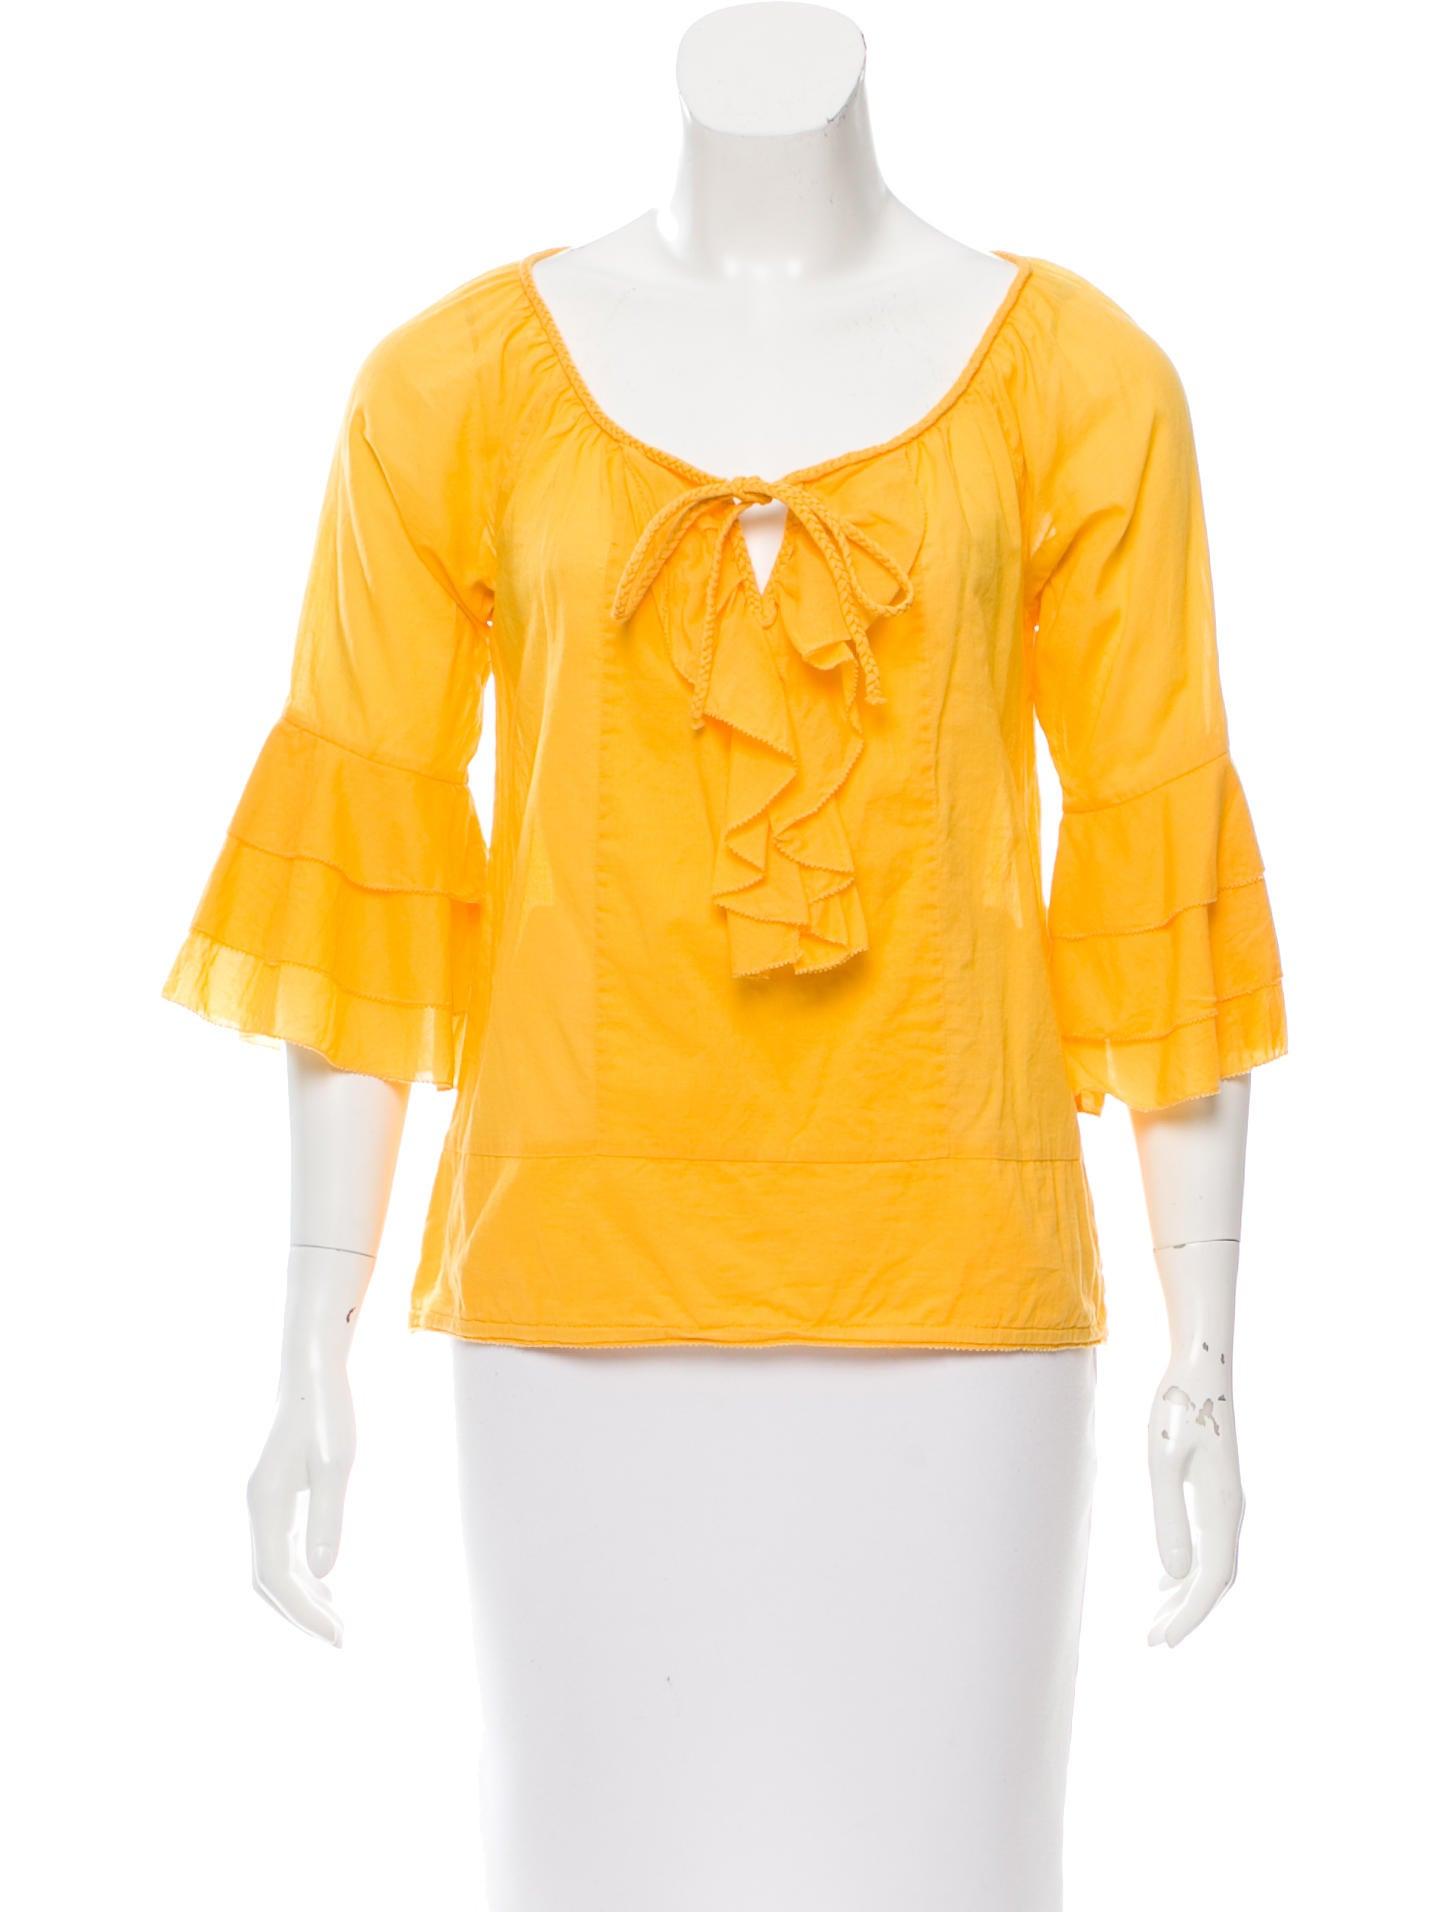 Diane von furstenberg gitane peasant blouse clothing for Diane von furstenberg shirt